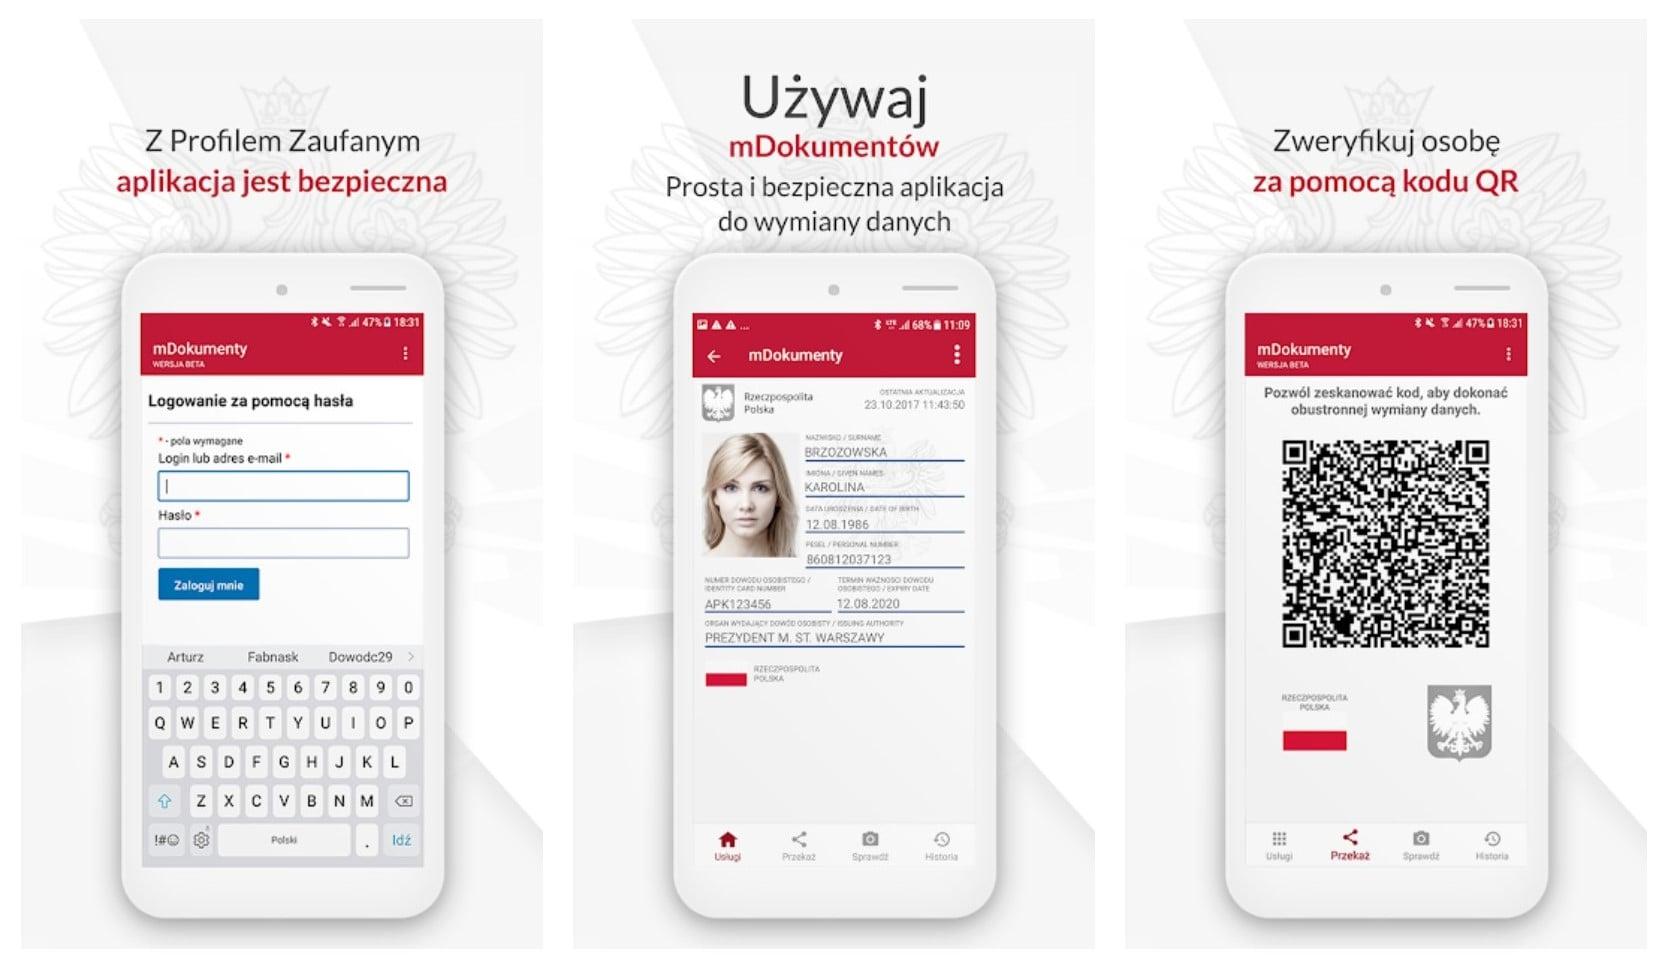 Na pocztę bez dowodu osobistego - wystarczy aplikacja mObywatel w telefonie 18